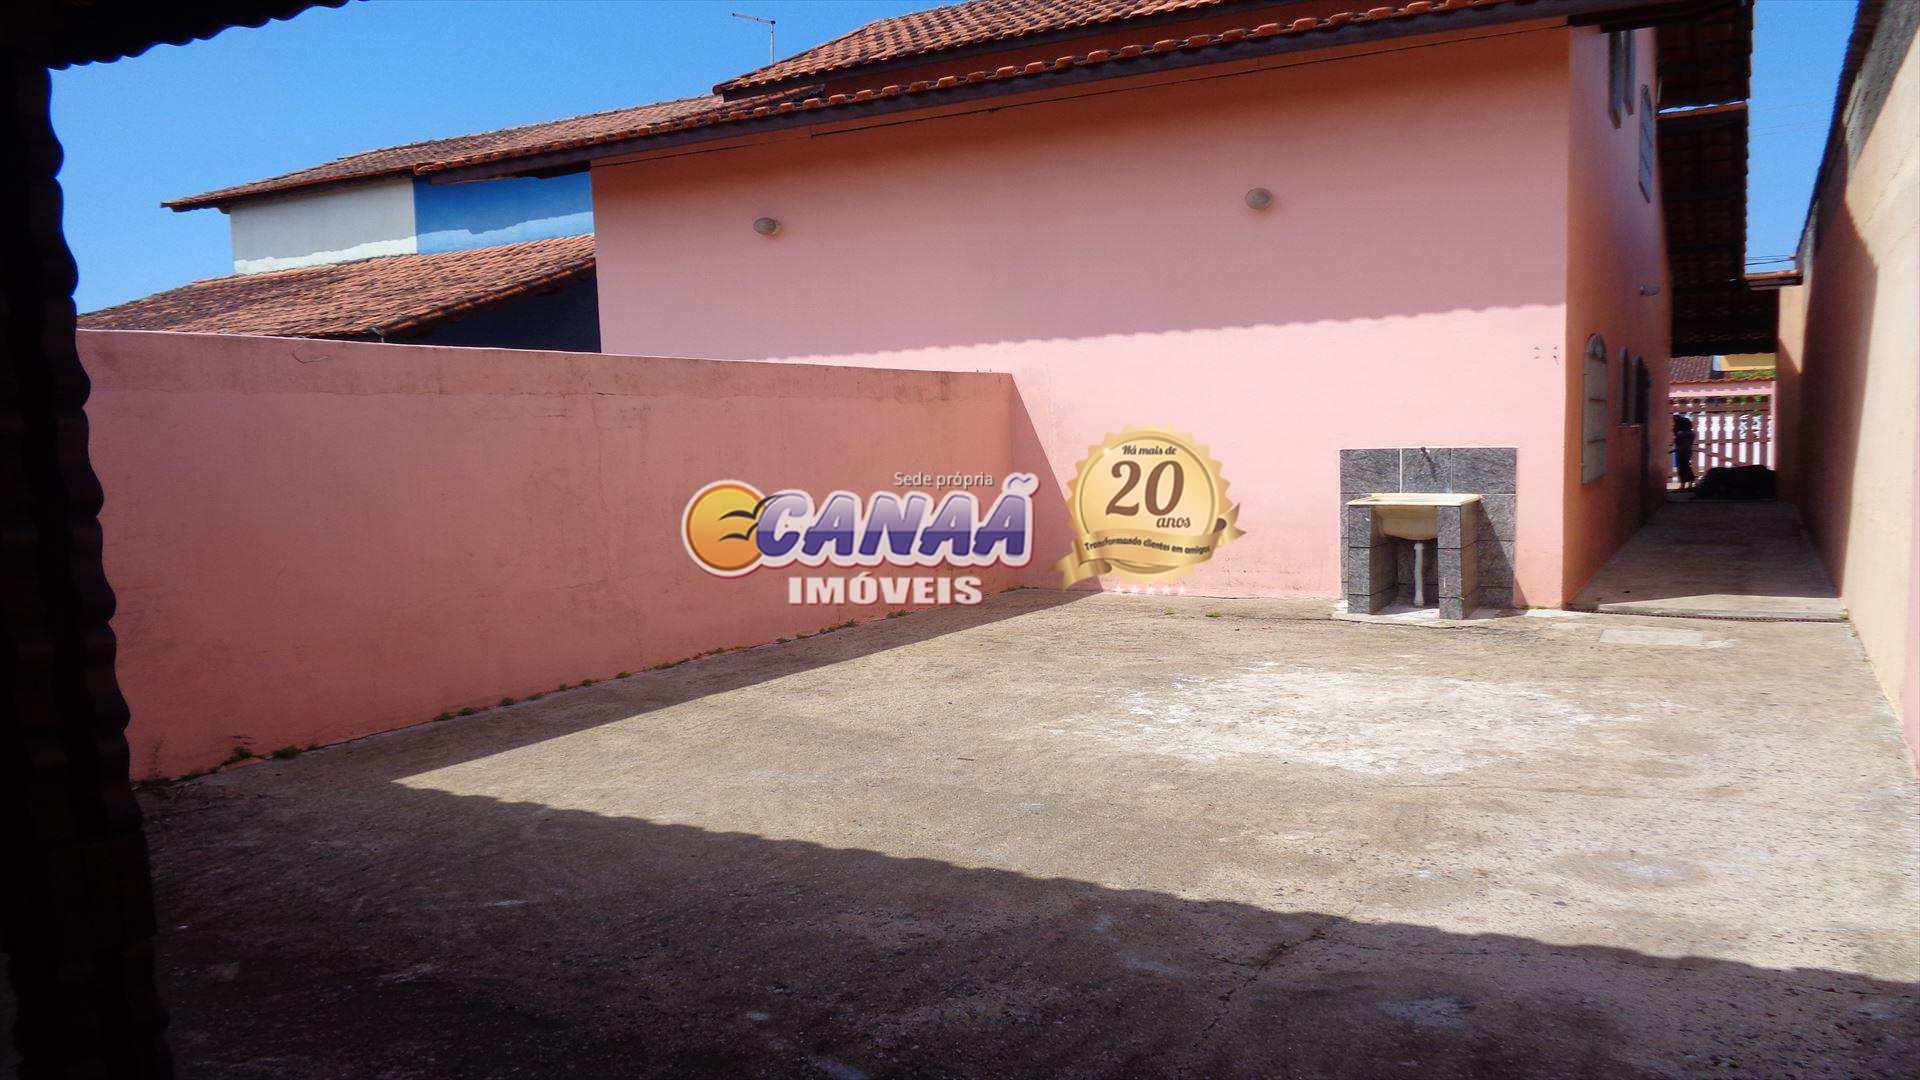 Sobrado com 3 dorms, Balneário Itaguai, Mongaguá - R$ 220 mil, Cod: 5339